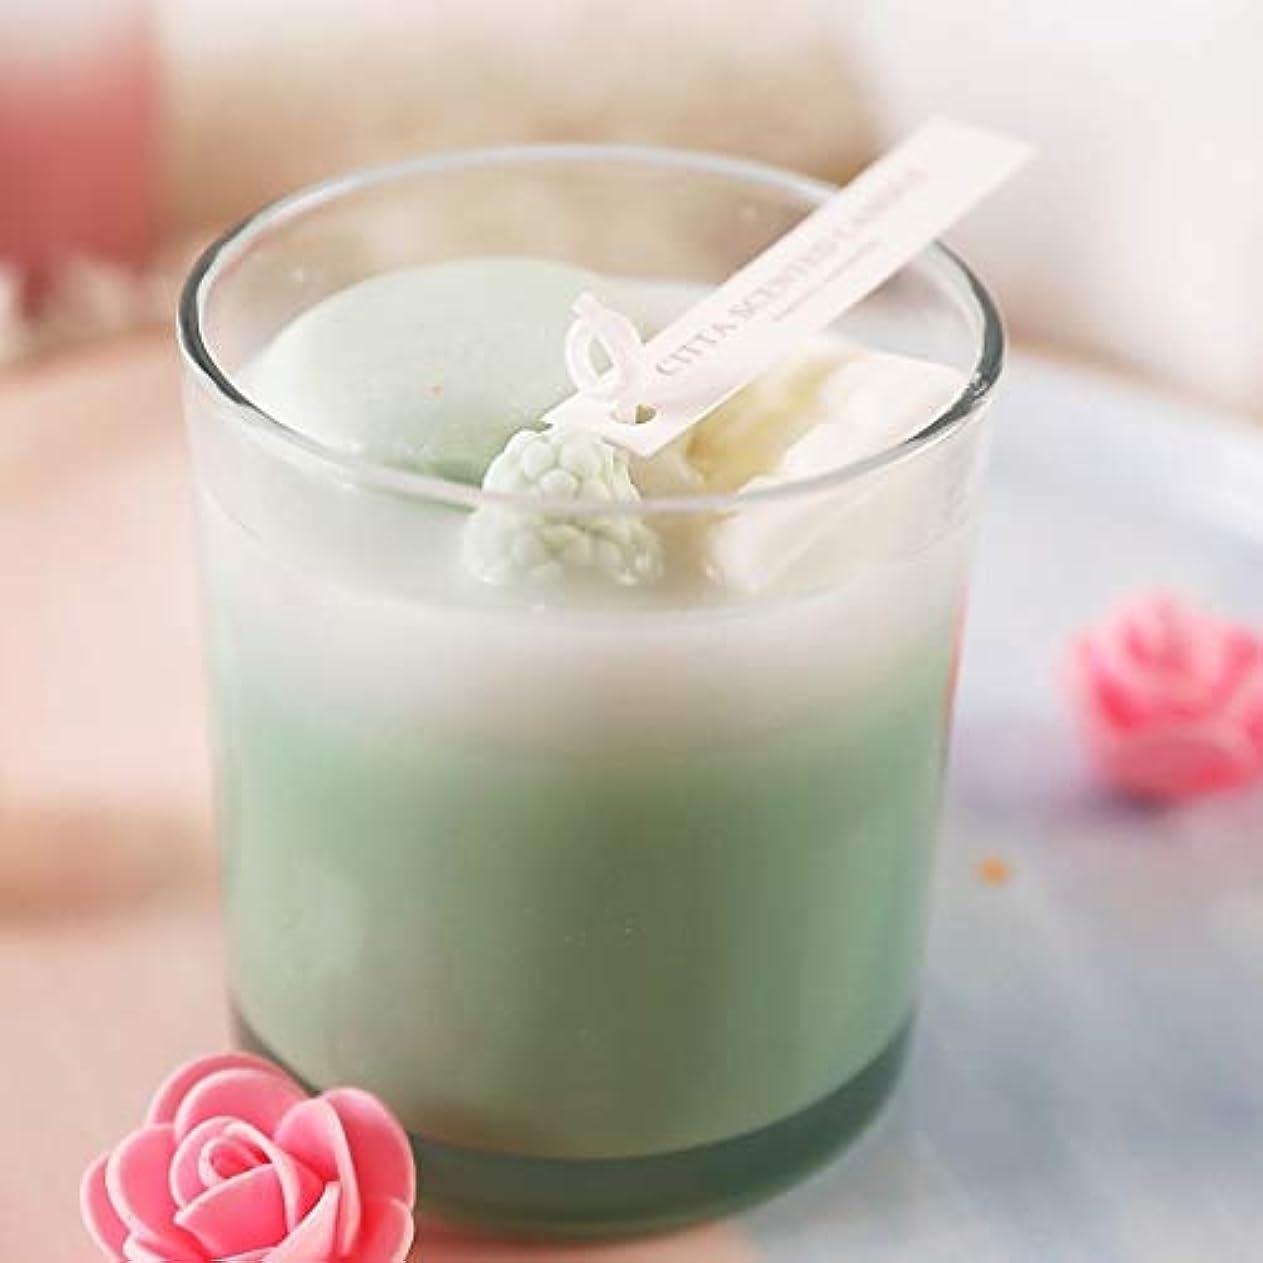 スポークスマン彼らの華氏ストレスリリーフとアロマセラピーのための強い香りエッセンシャルオイルと香りのキャンドルギフト、カップポータブルグラスキャンドルの女性のギフト,グリーン